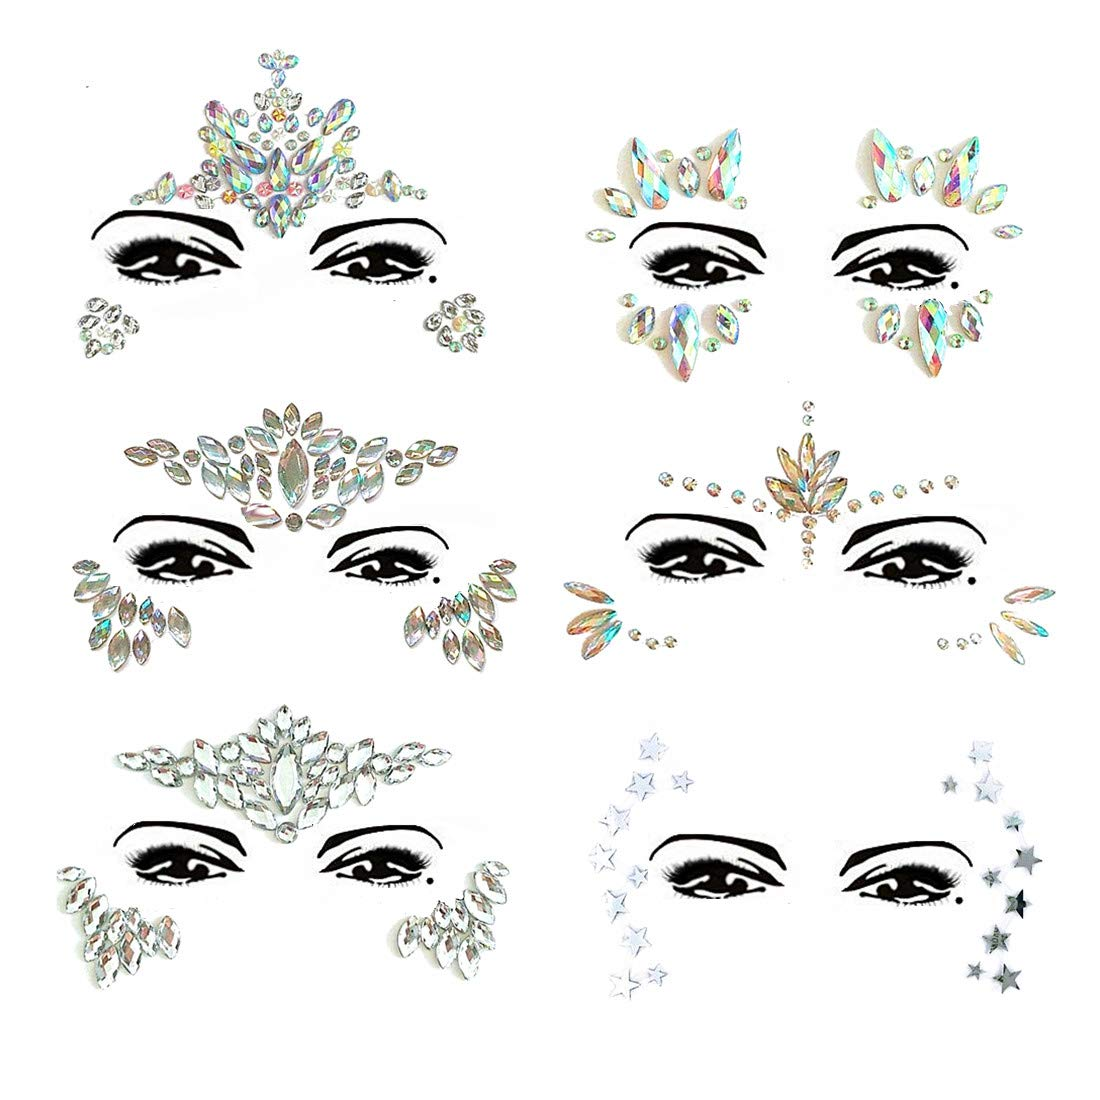 Gemas de la cara, HuaER 8 Set Tatuaje temporal de cara Brillo de cara Mermaid Unicorn Jewels Maquillaje de niña Cristales Pegatinas Adhesivo de diamantes de imitación cara para Fiesta Rave Party Adornos de ojos Bindi Face Body Jewels Decoraciones